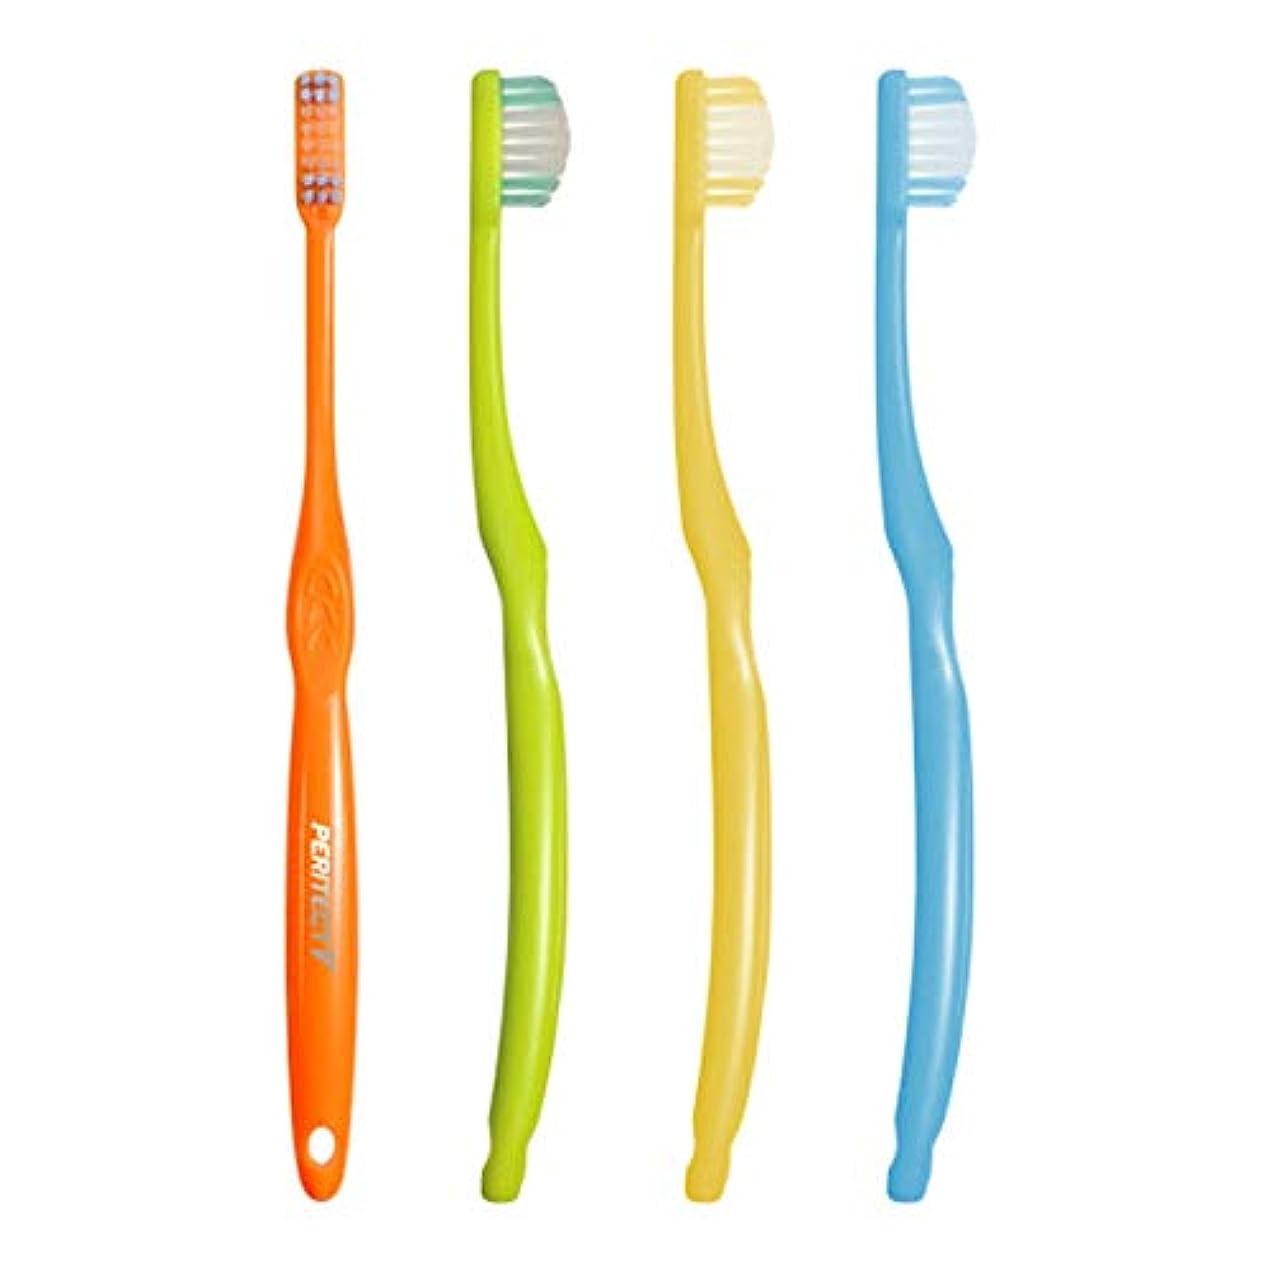 メドレーチチカカ湖エールビーブランド PERITECT V ペリテクト ブイ 歯ブラシ (6M やわらかめ) × 5本 歯科専売品